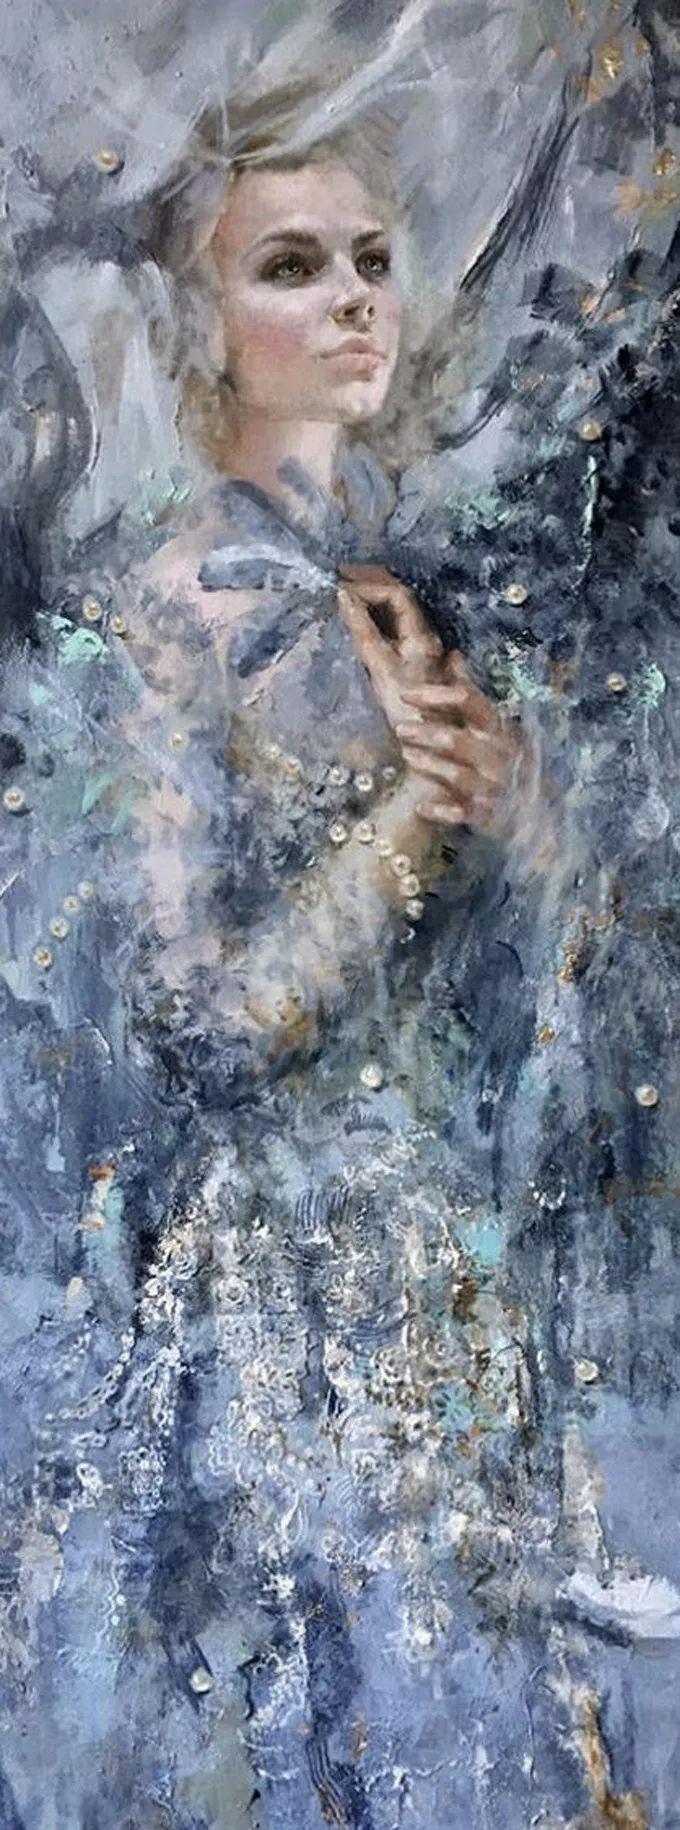 她的油画有一种惊艳脱俗的美,乌克兰天才女画家艾琳·谢里插图12